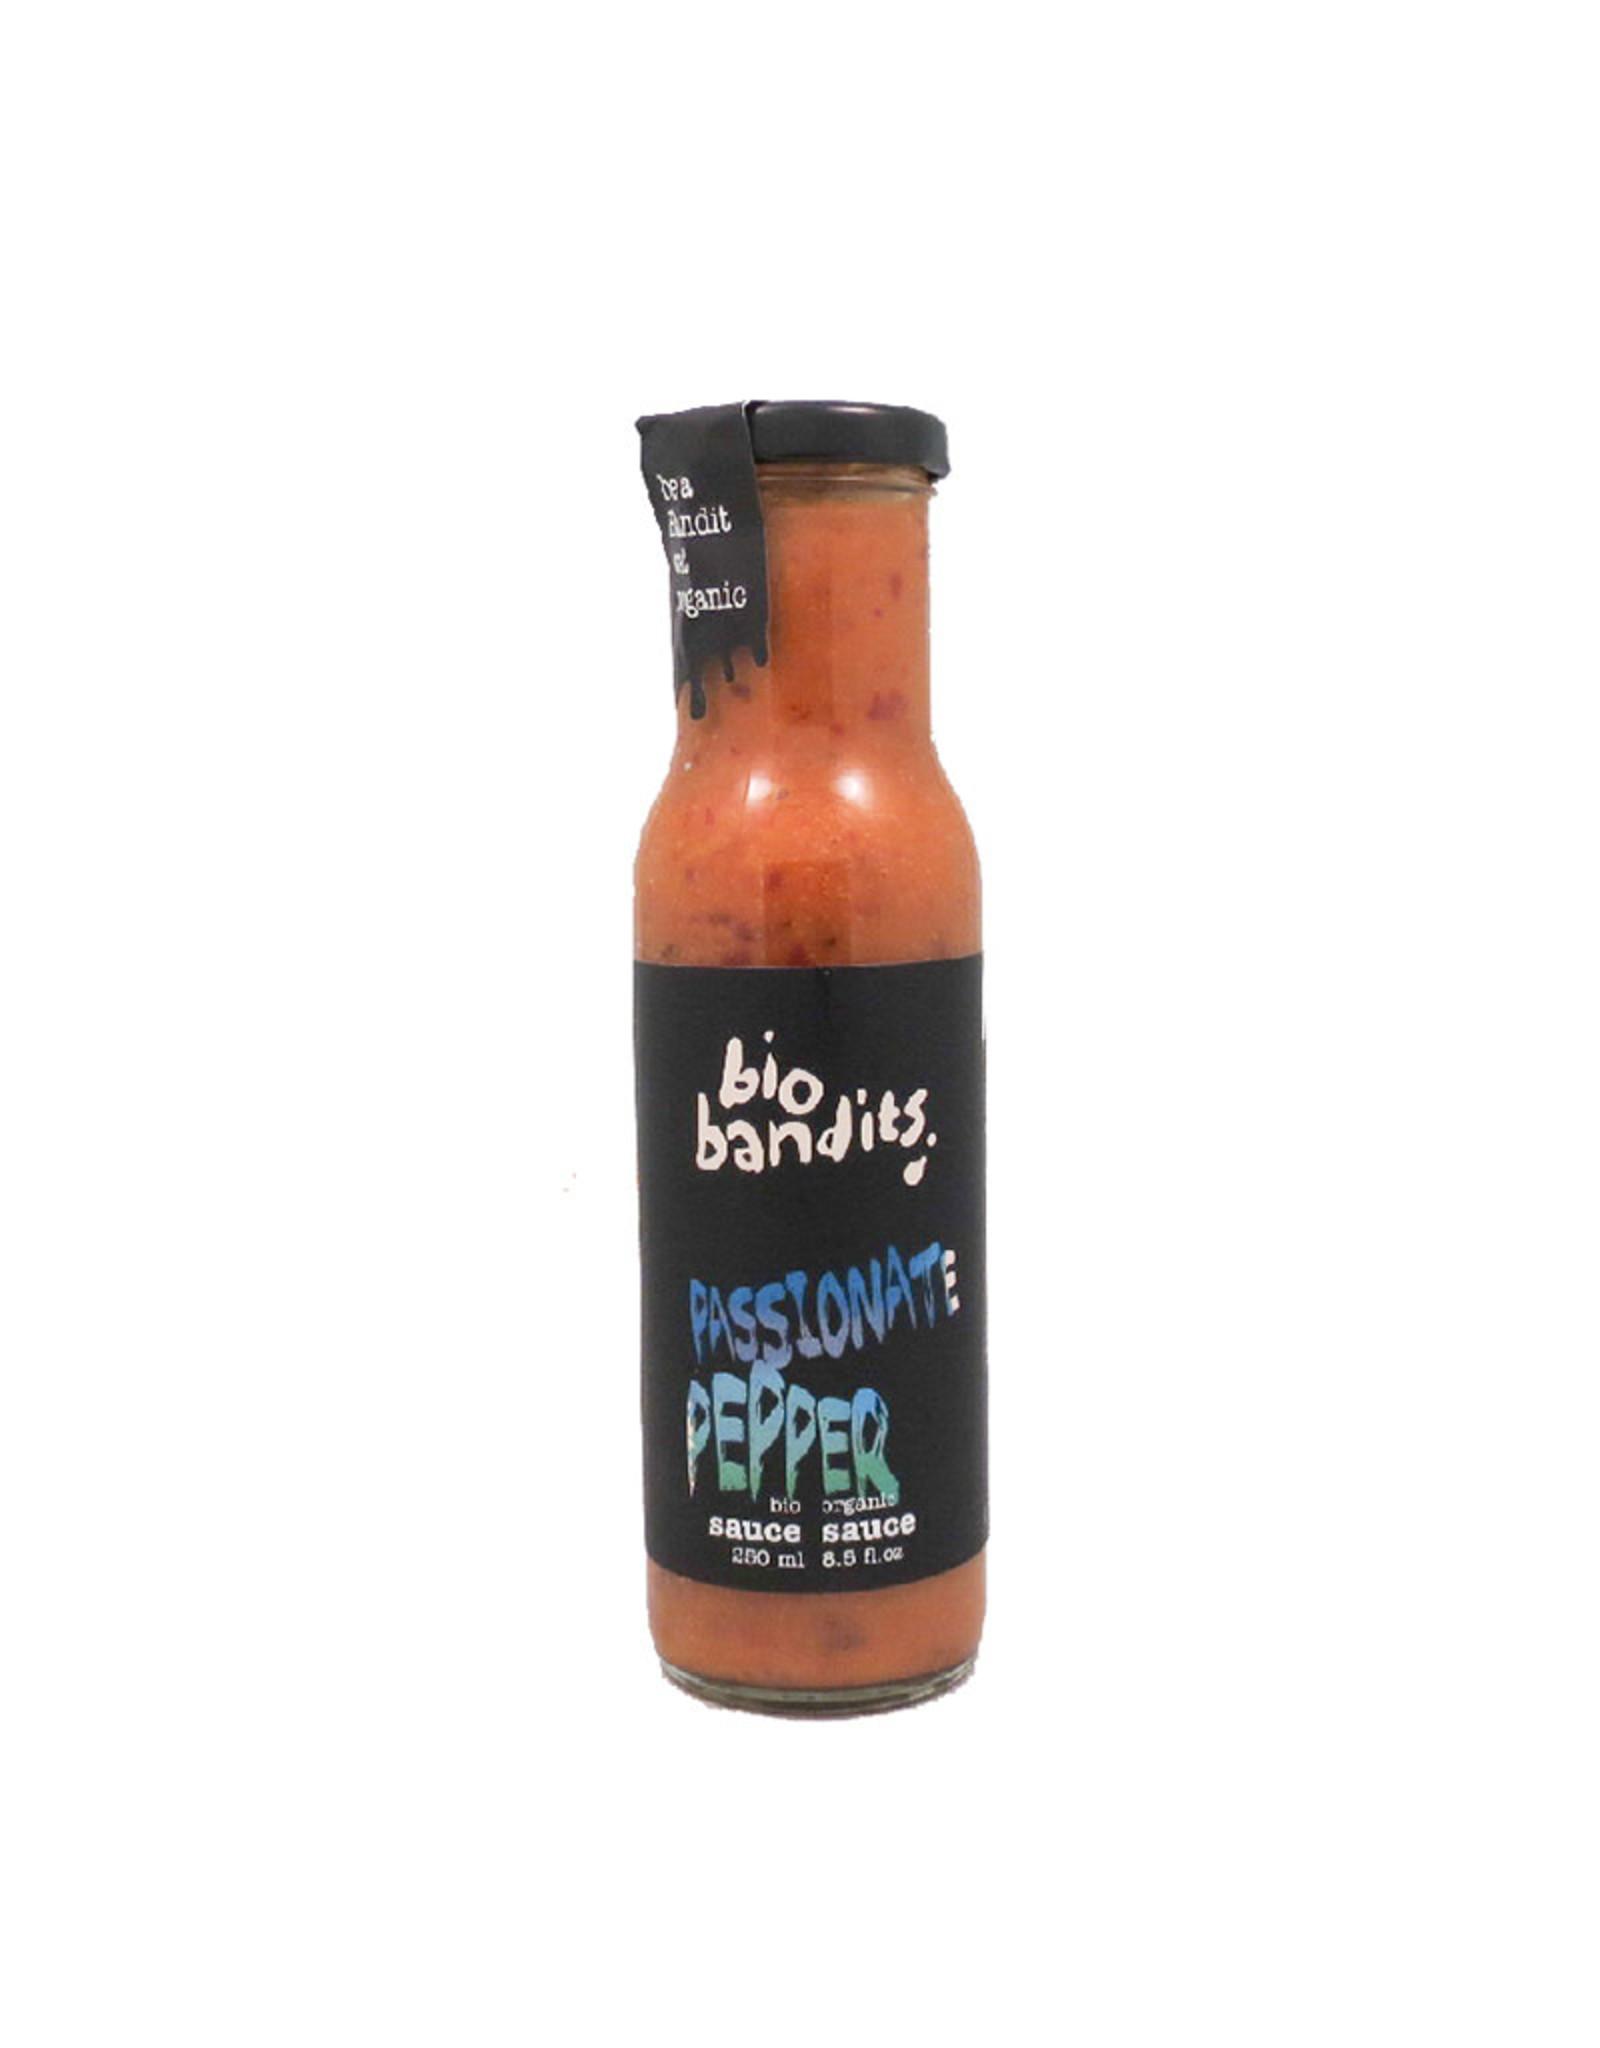 Bio Bandits Bio Bandits - Passionate Pepper (250ml)